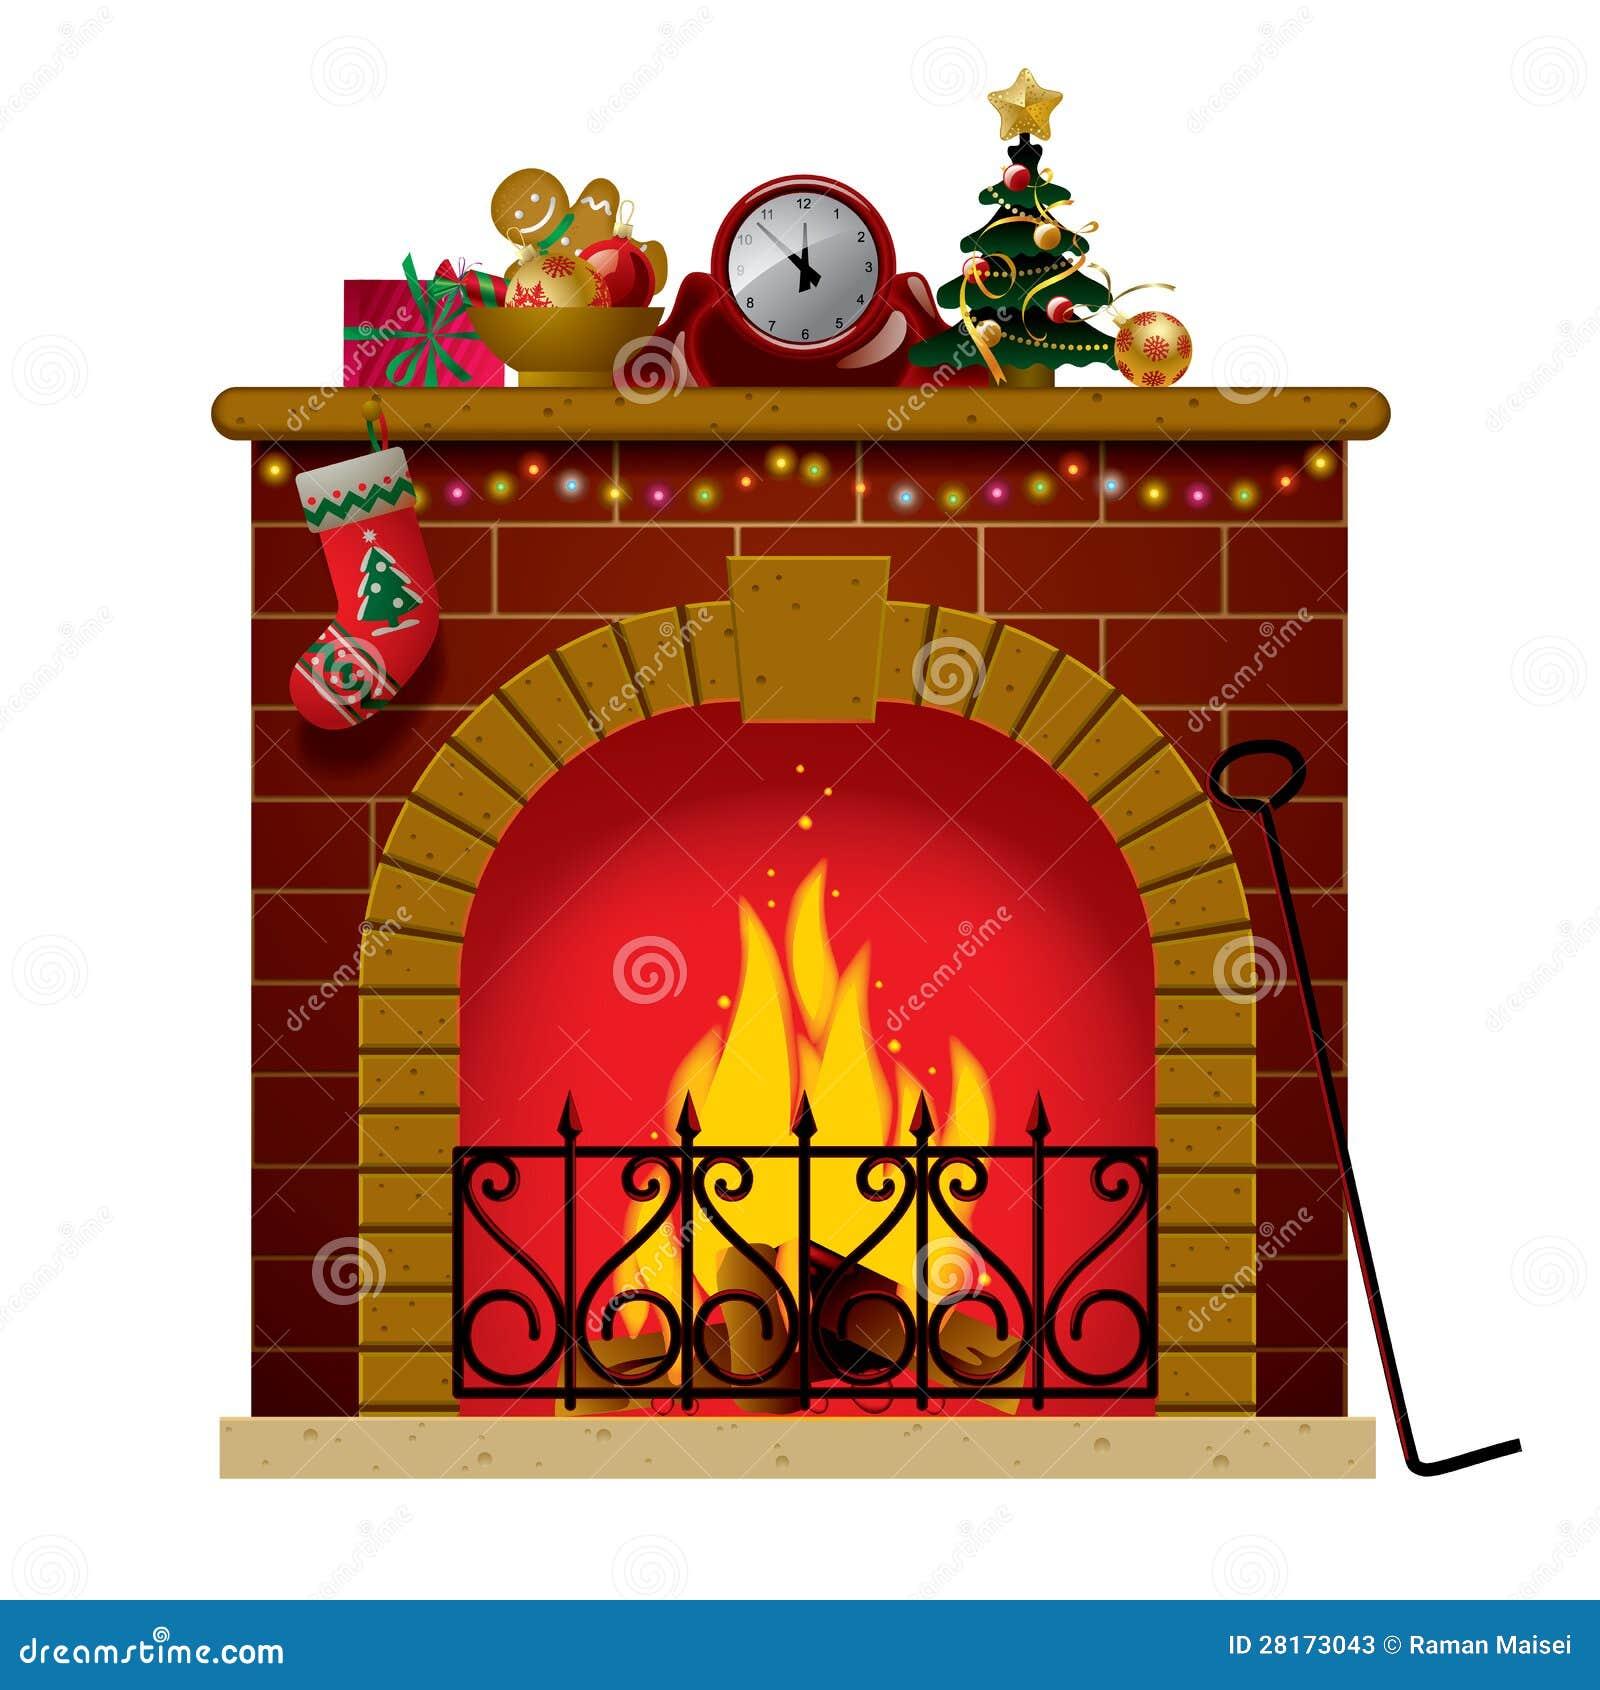 Chimenea de la navidad ilustraci n del vector imagen de - Dibujos de chimeneas de navidad ...